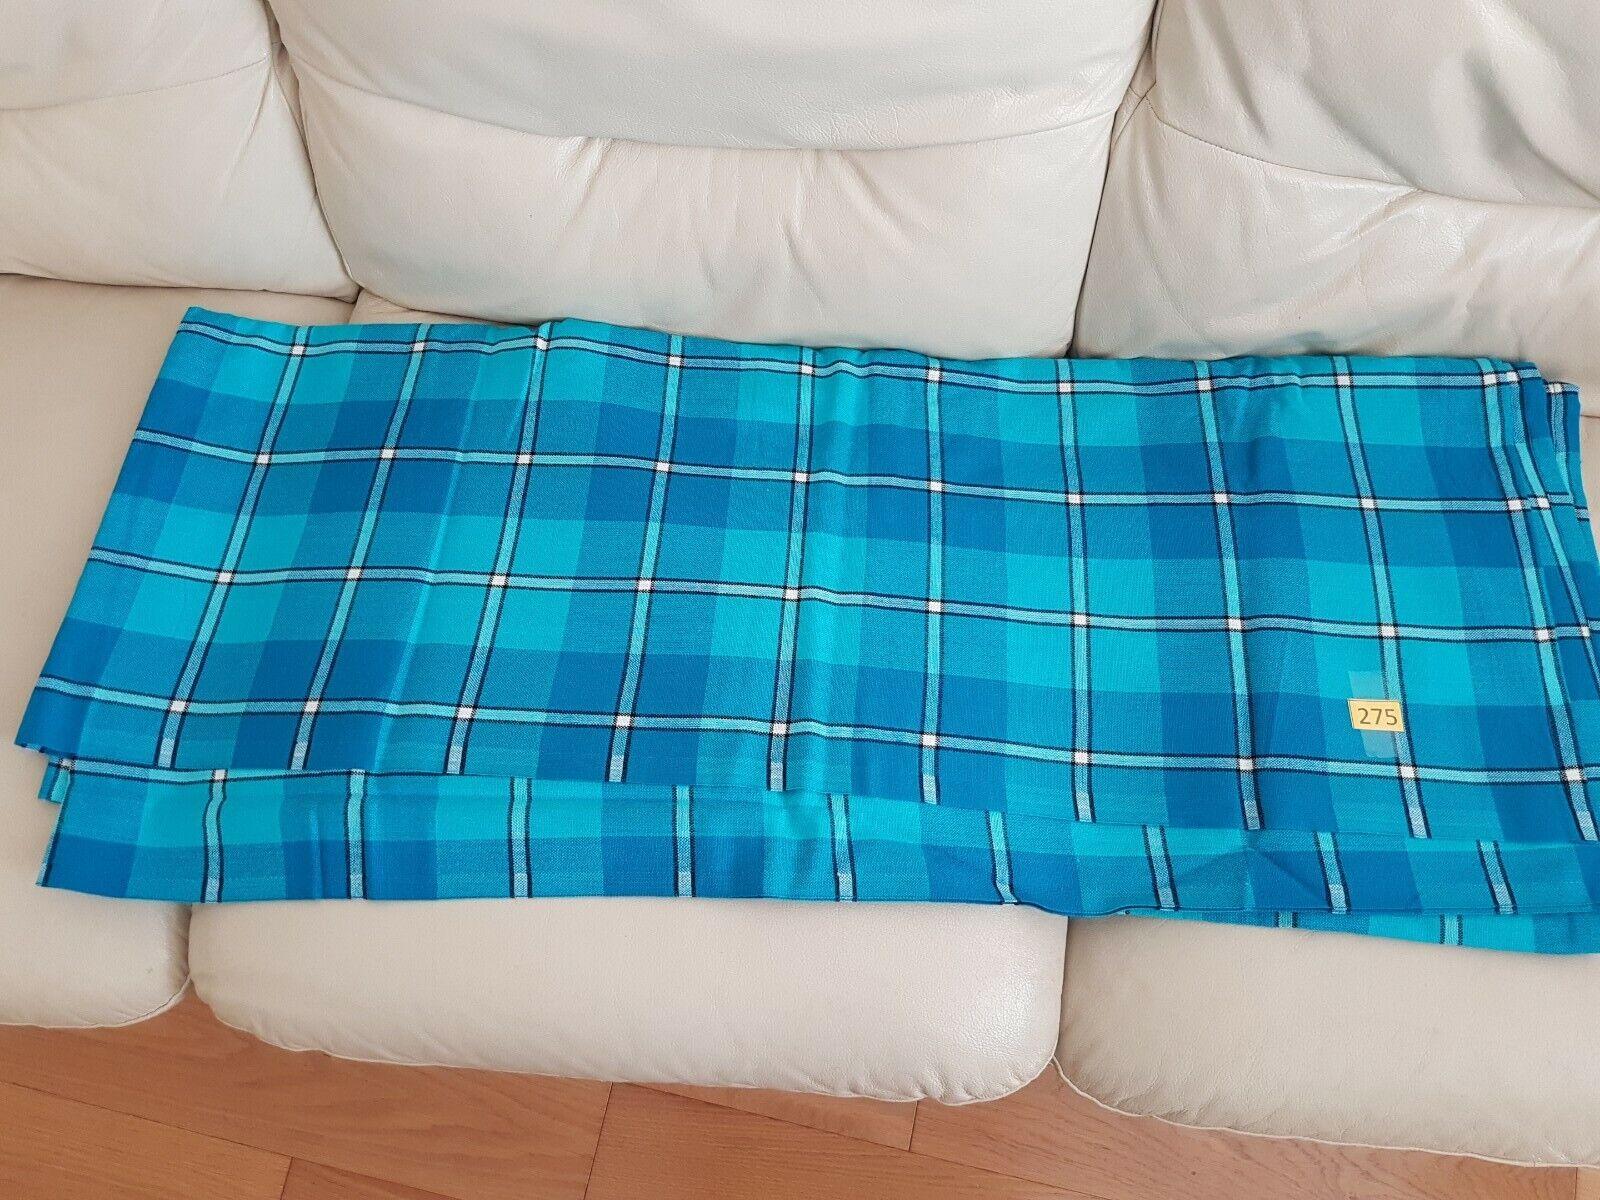 Maasai Shuka. Maasai Blankets#275 Masai Shuka.Masai Blankets TRIBAL WRAP UNUSUAL